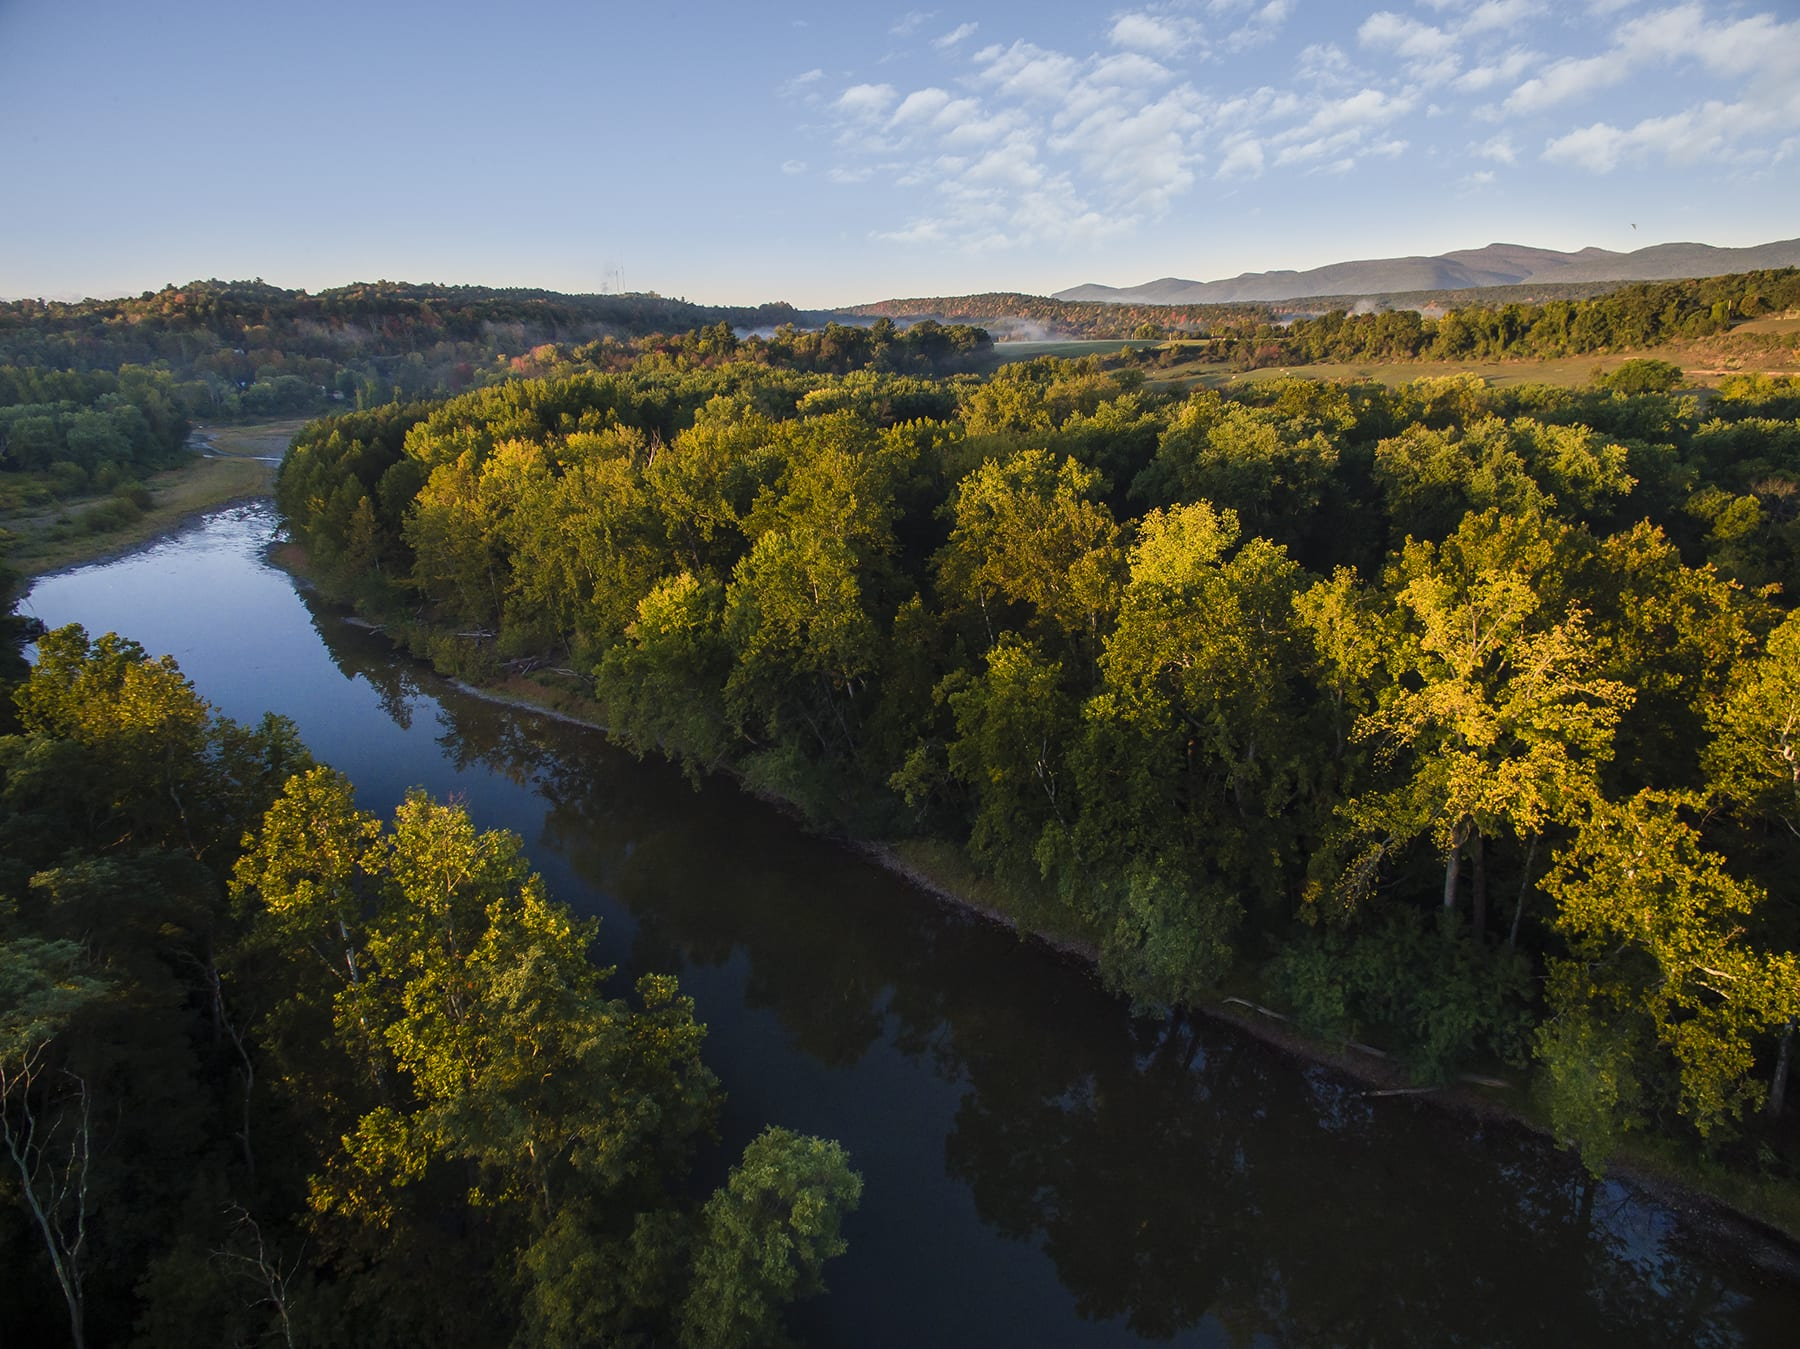 Mawignack Catskill Creek